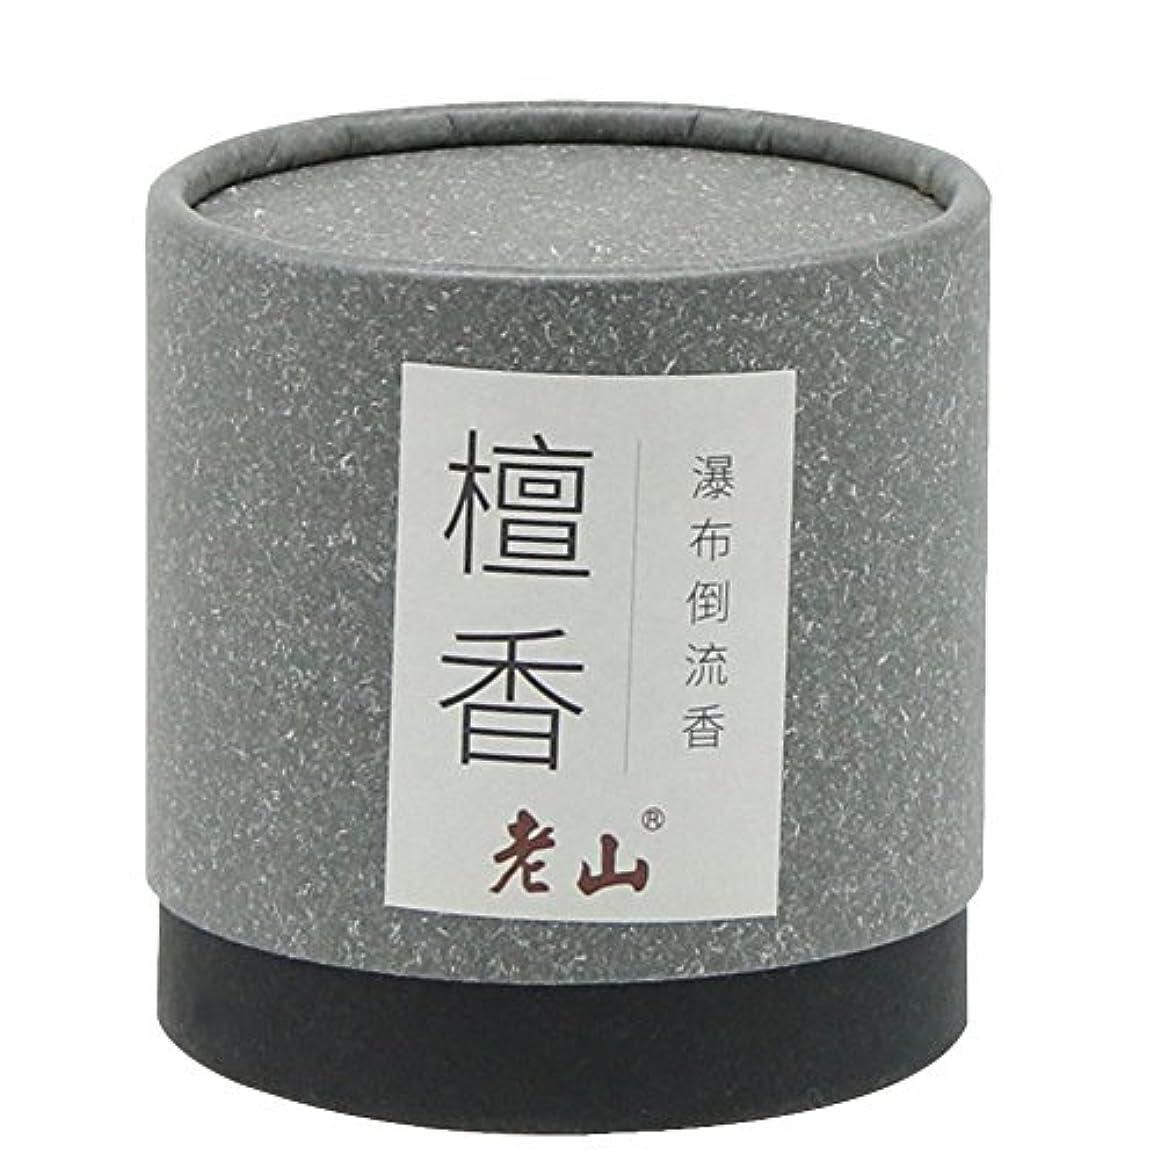 誘惑フィヨルド南方の逆流円錐incense-100g Naturalサンダルウッドお香逆流ウォーターフォールIncense Incense (グレー)